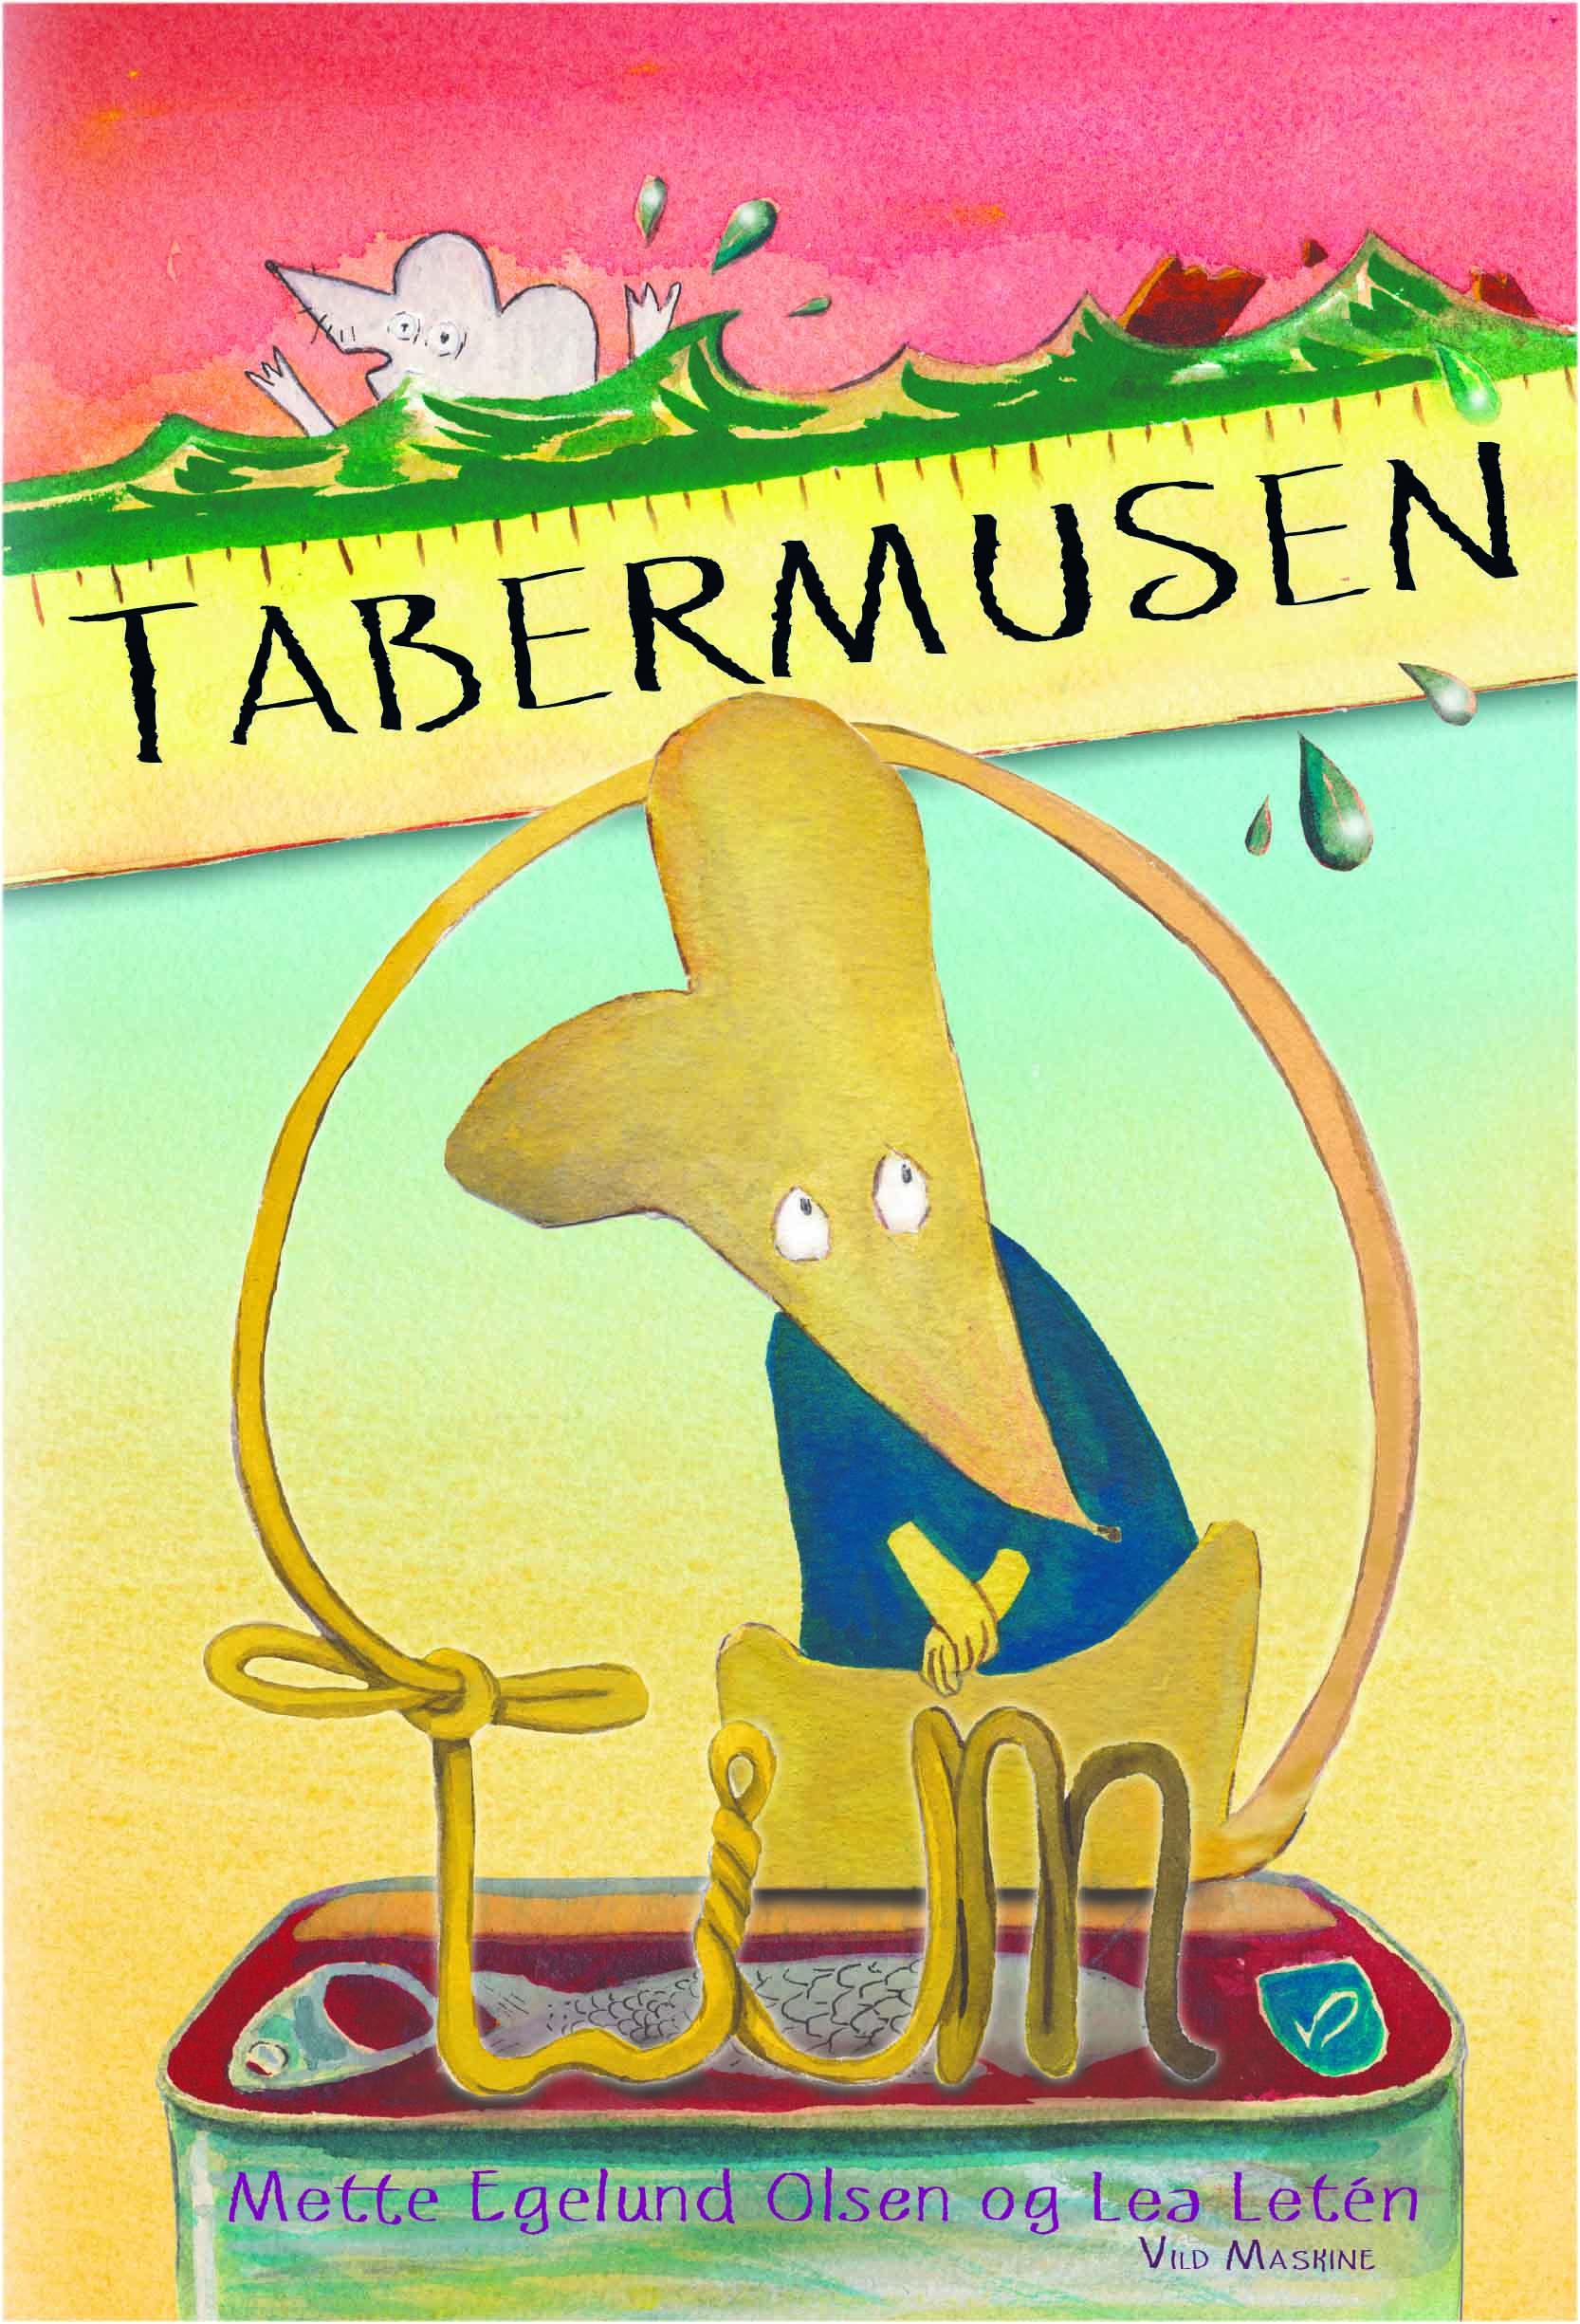 Tabermusen Tim. Skrevet af Mette Egelund Olsen og illustreret af Lea Letén.